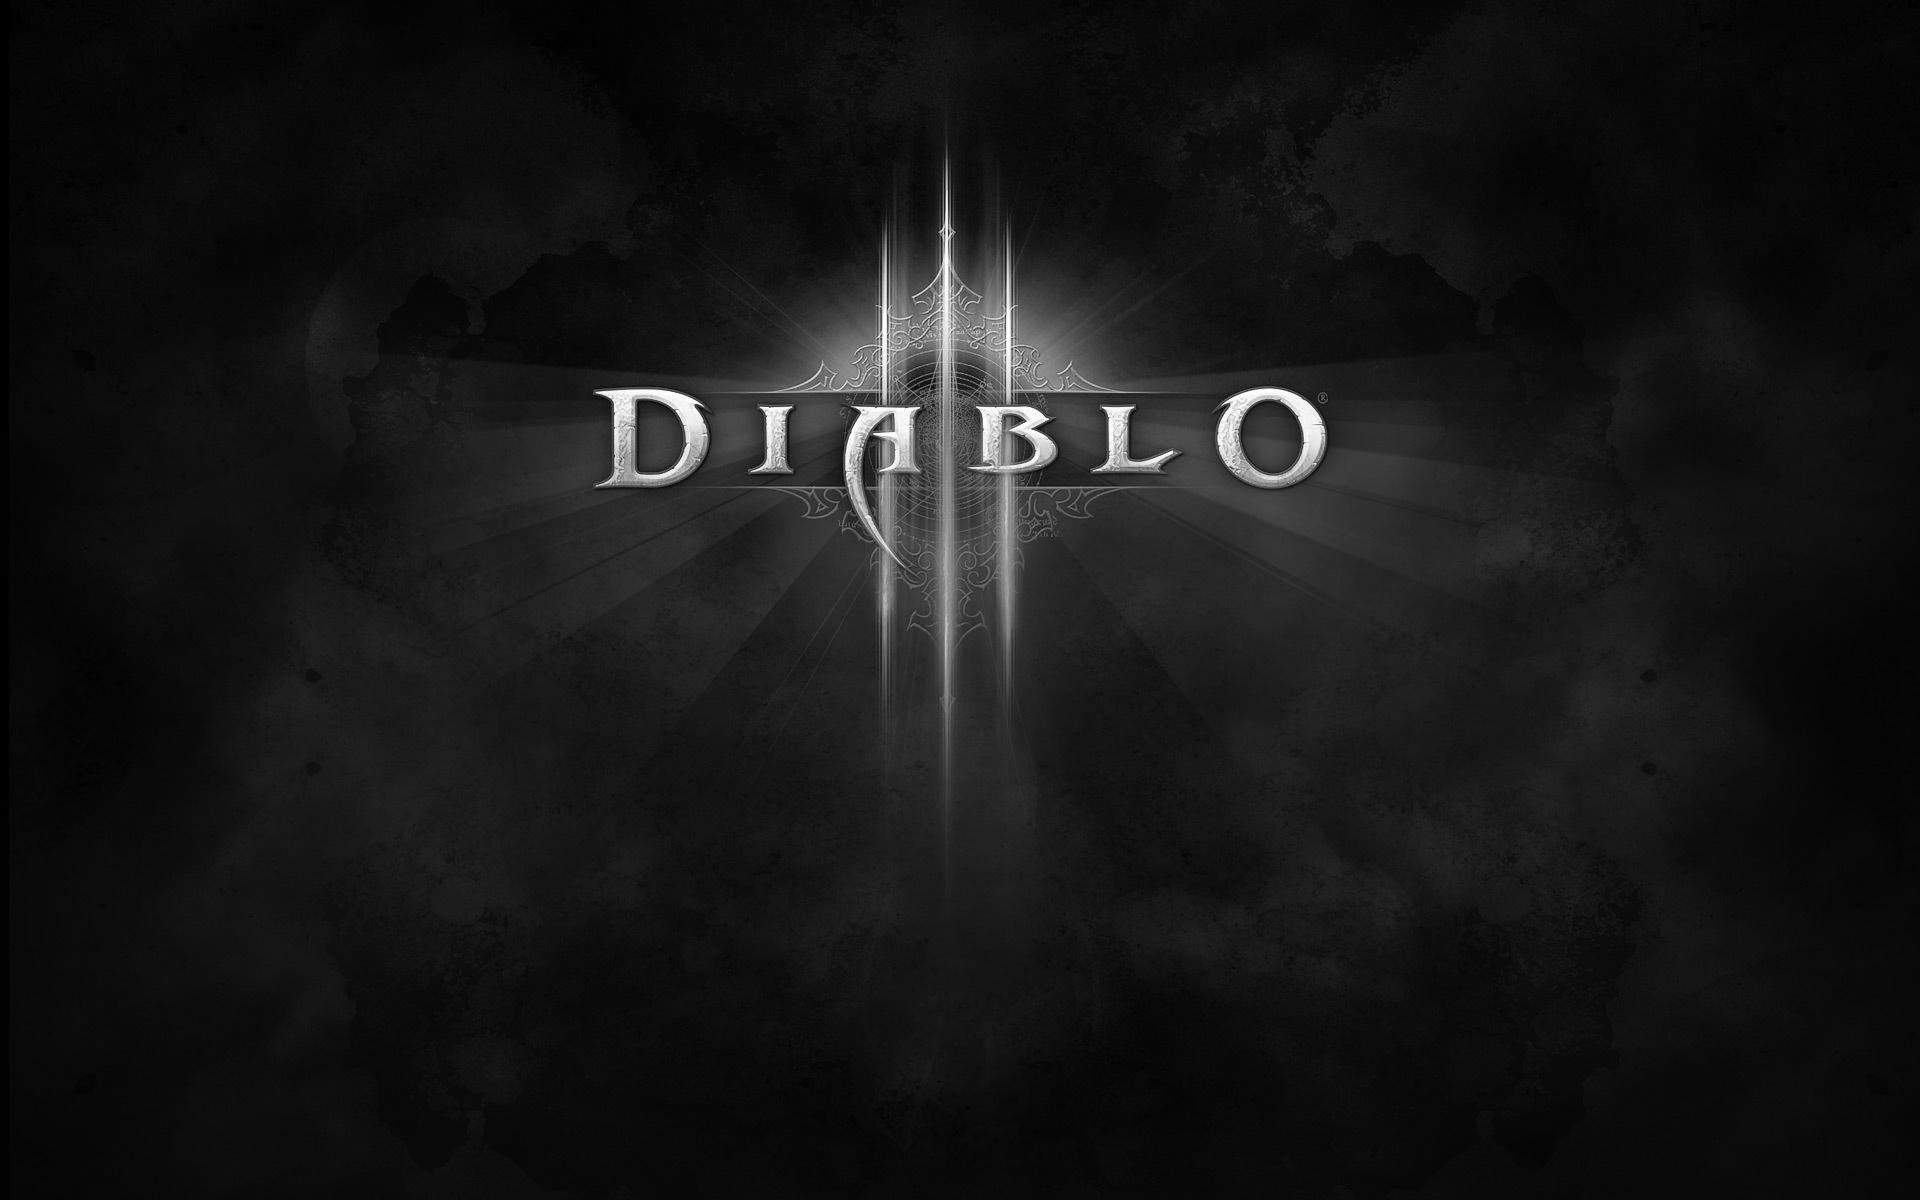 Diablo III - 1920x1200